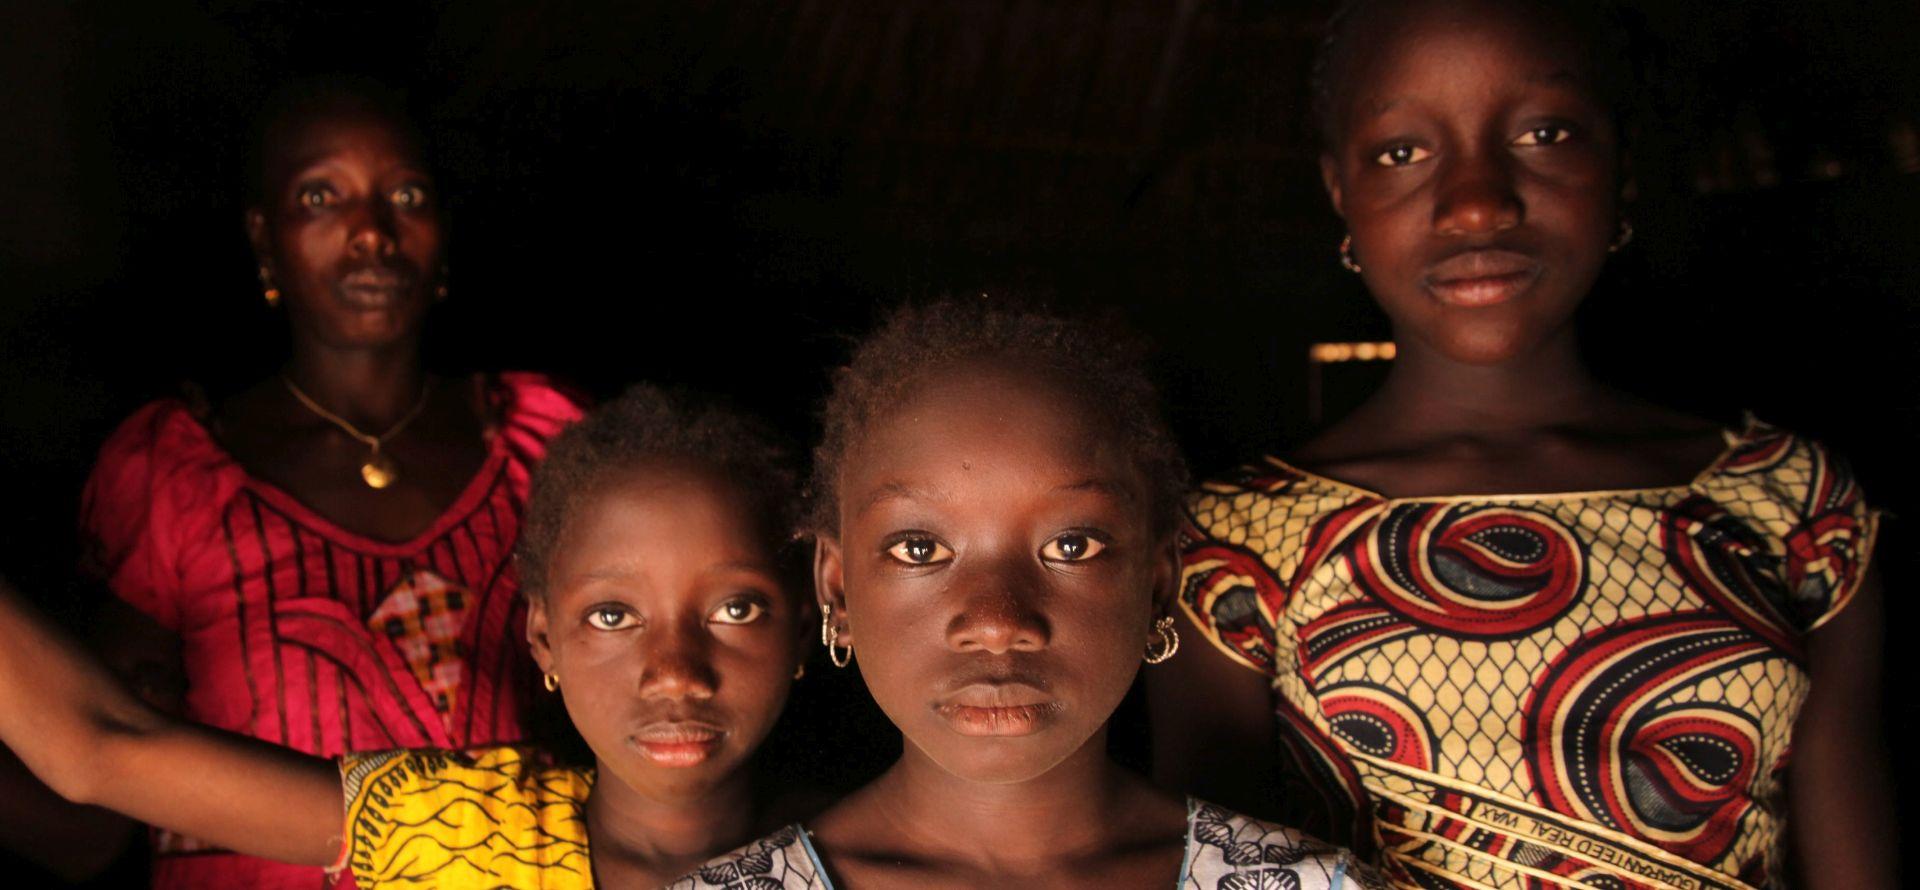 Gotovo 385 milijuna djece u svijetu živi u siromaštvu